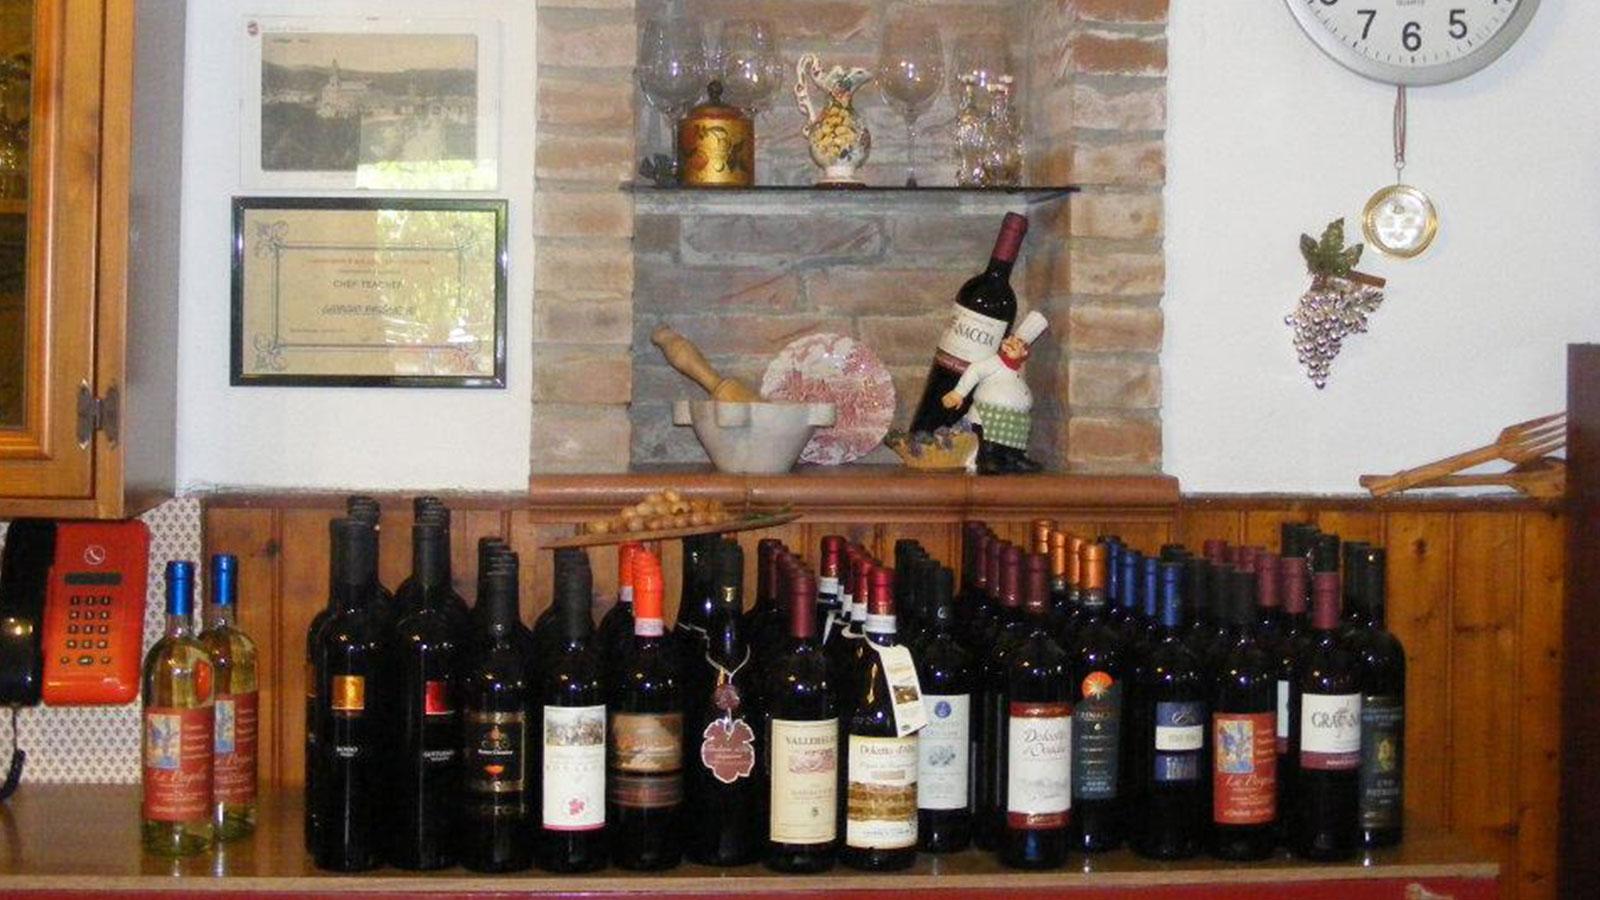 Una mensola di legno con varie bottiglie di vino esposte e alcune mensole, oggetti e bicchieri di vino